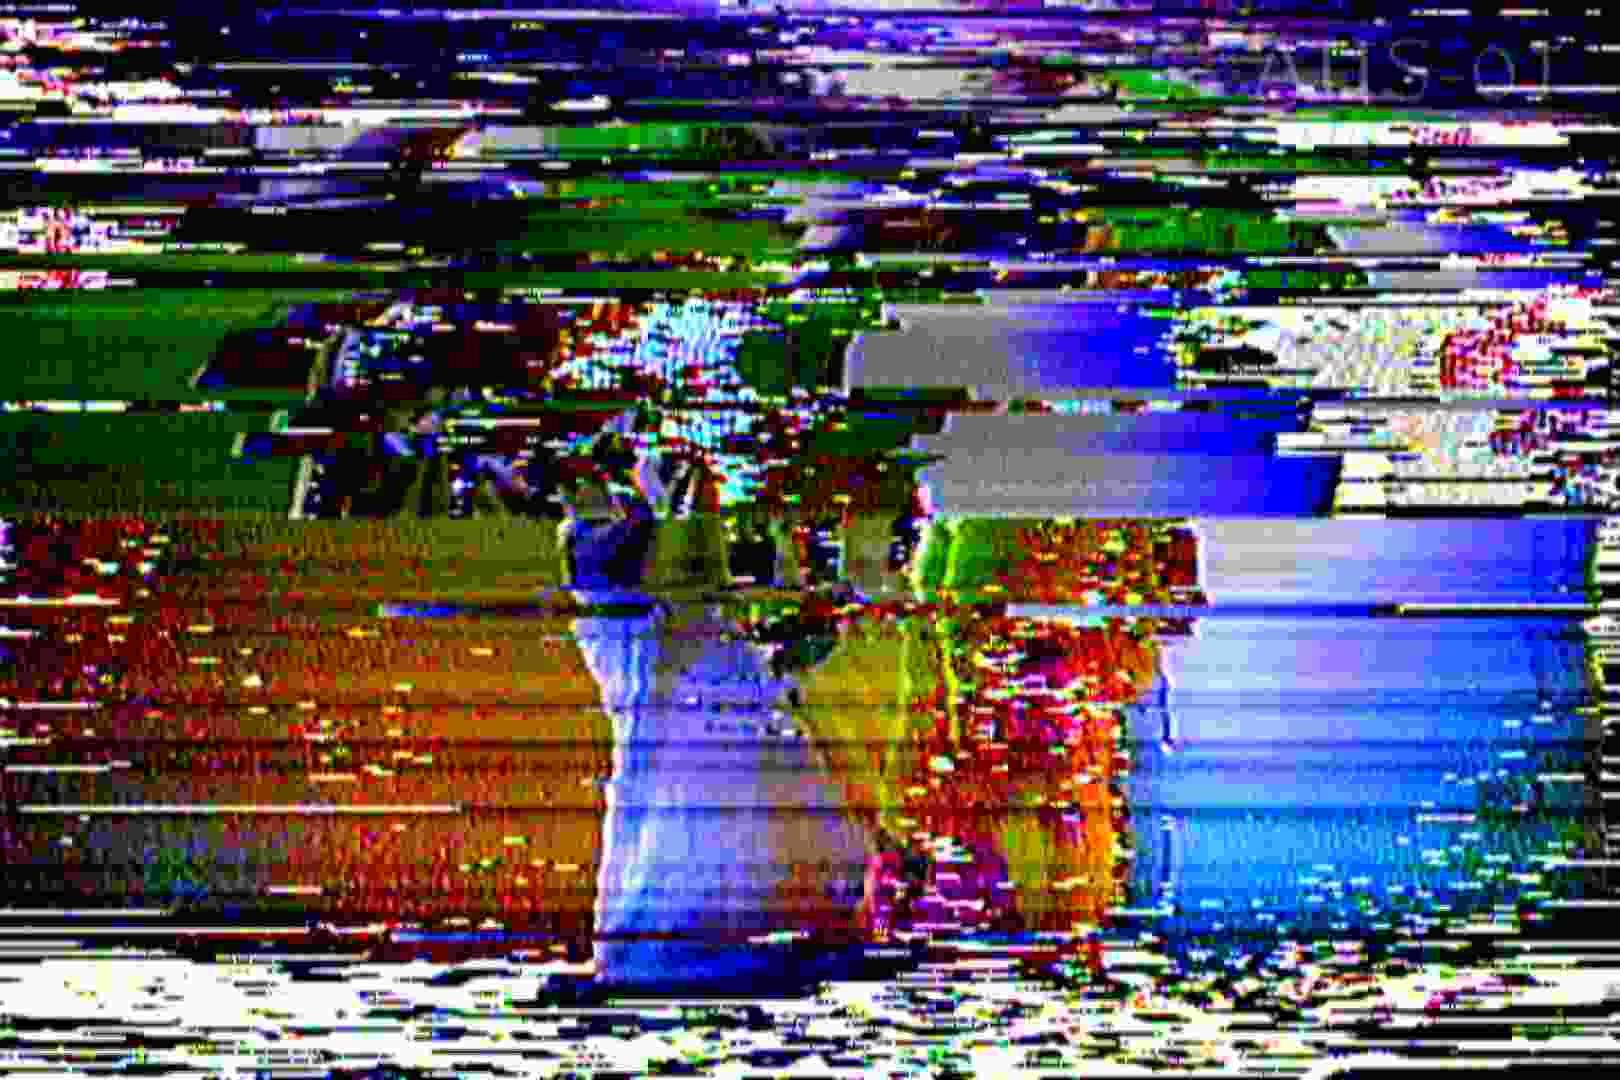 海の家の更衣室 Vol.01 高画質  82PIX 4